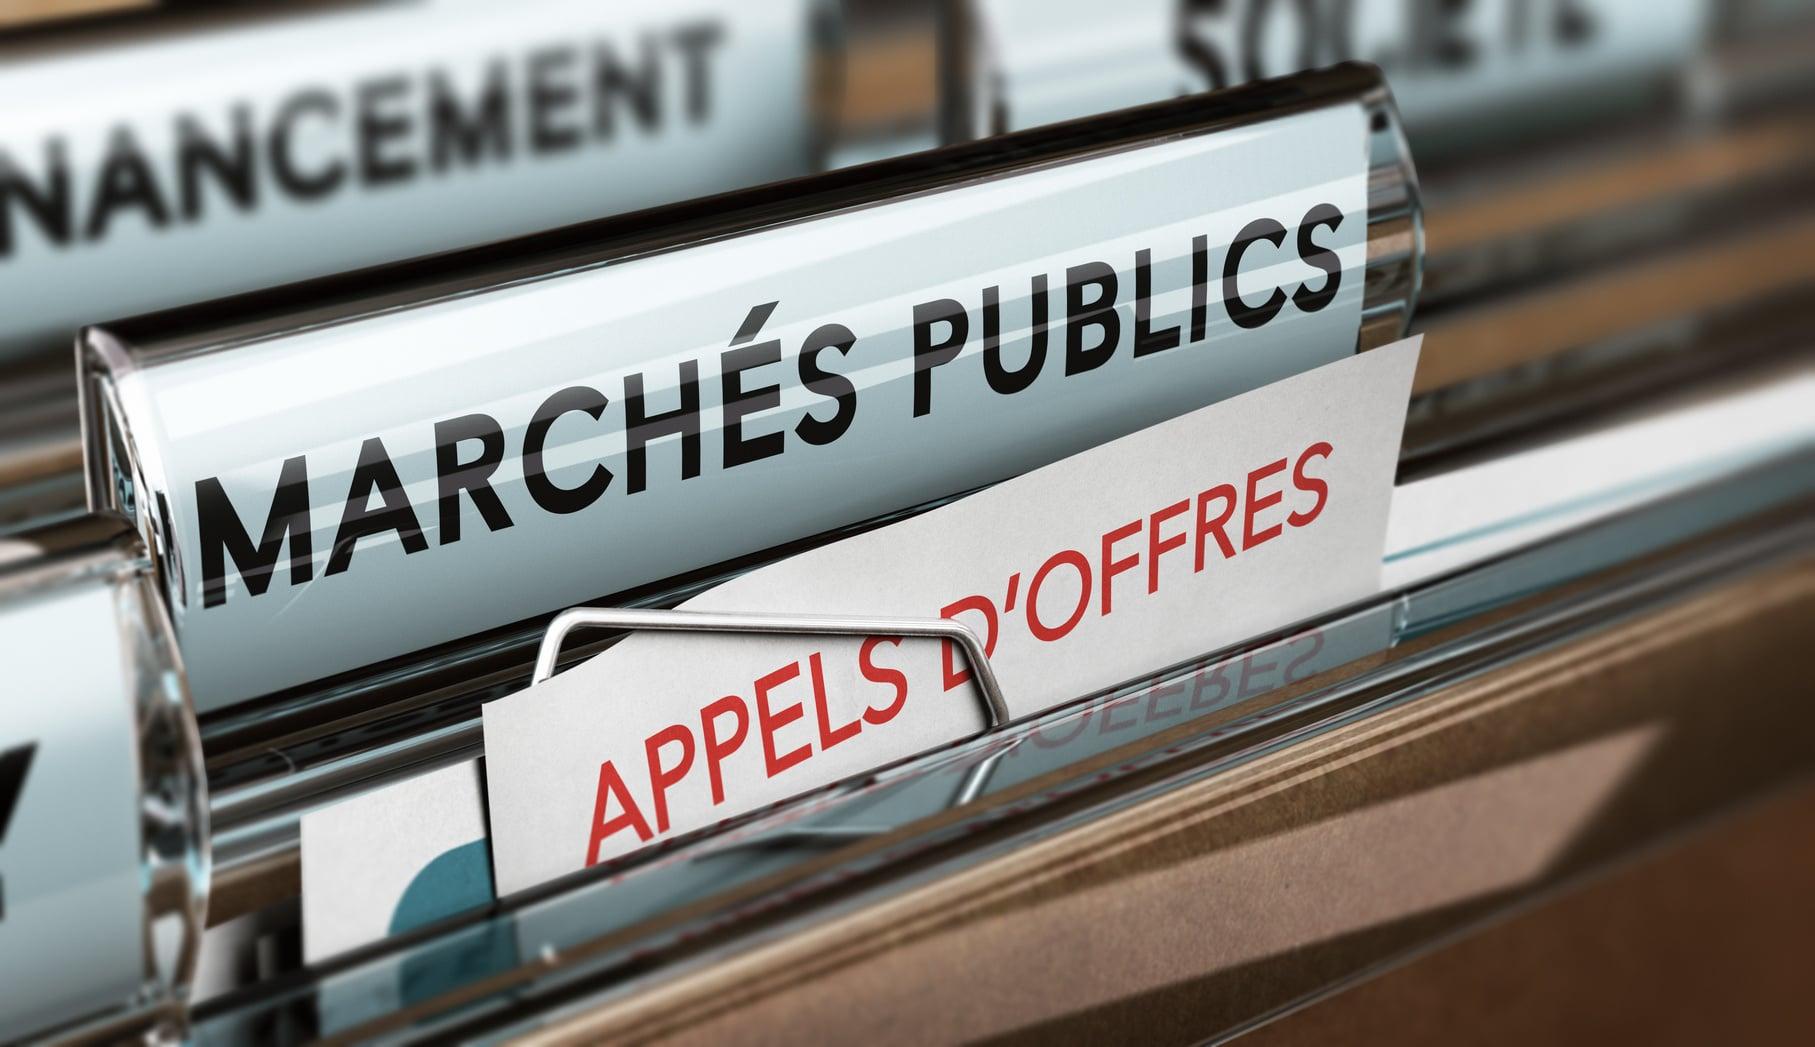 Dossiers pour les marchés publics